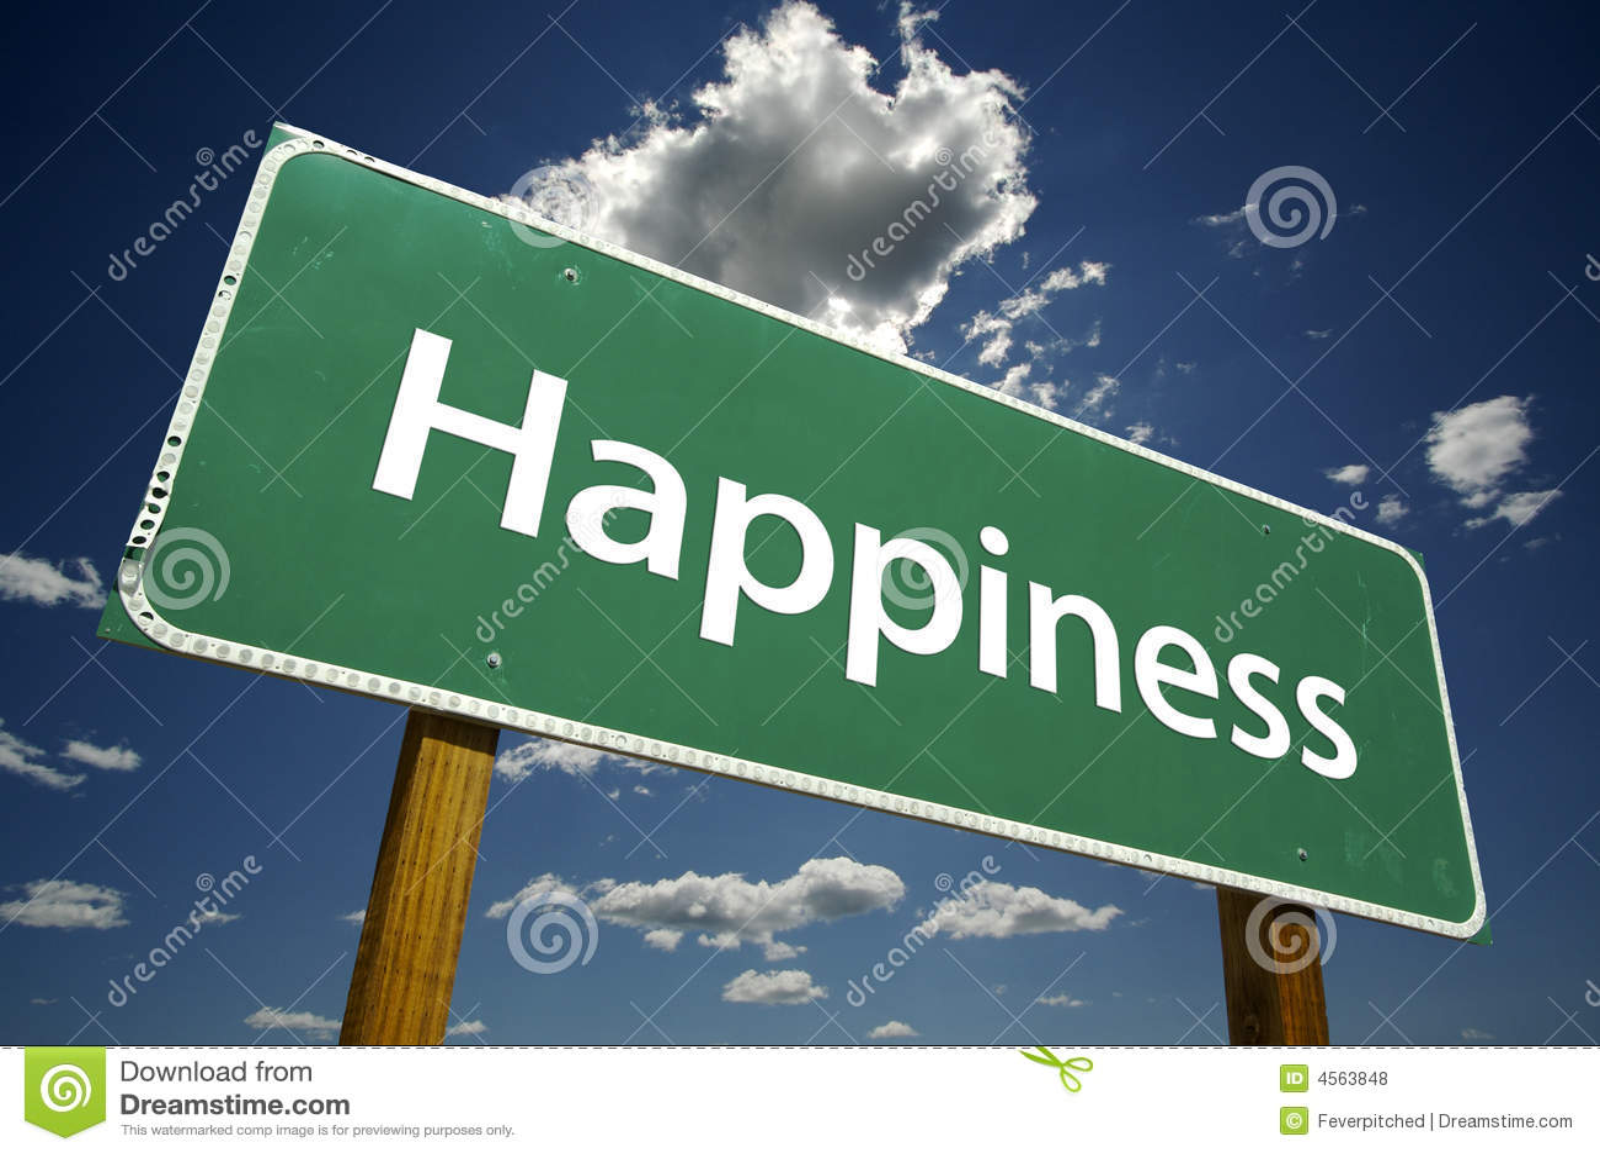 Felicidad - muestra de camino